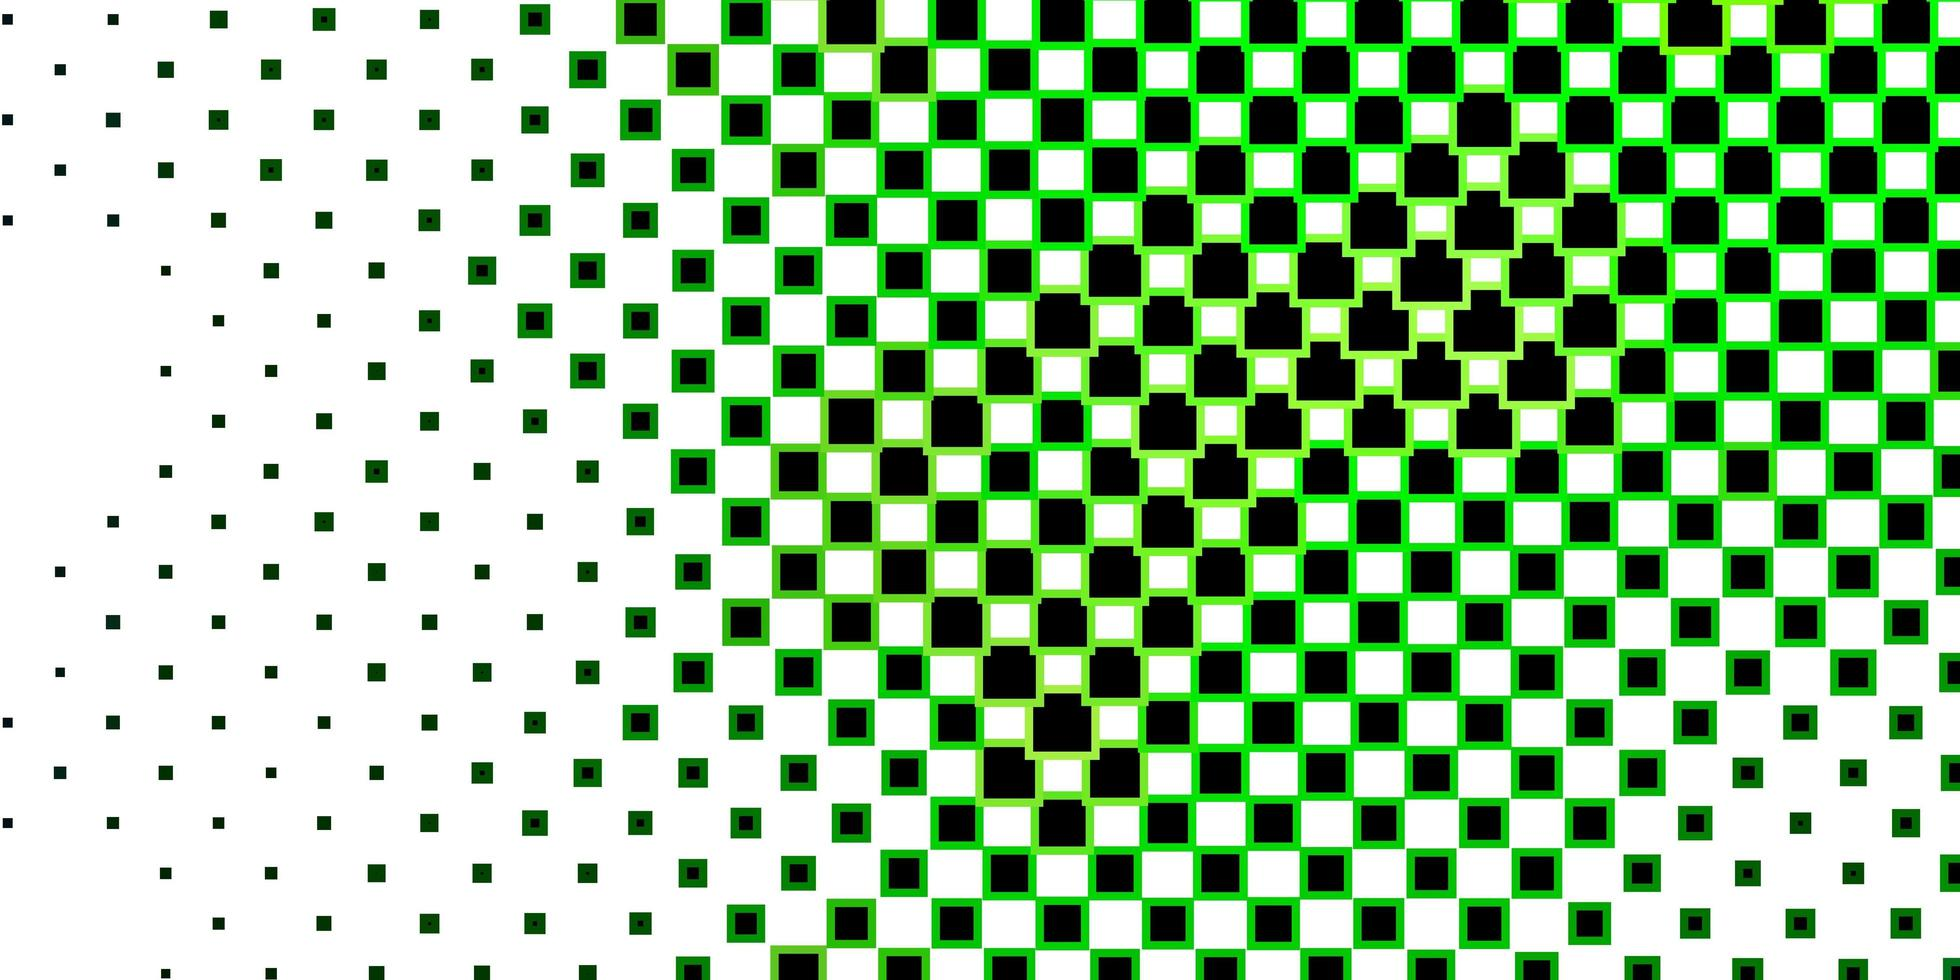 donkergroene achtergrond met rechthoeken. vector